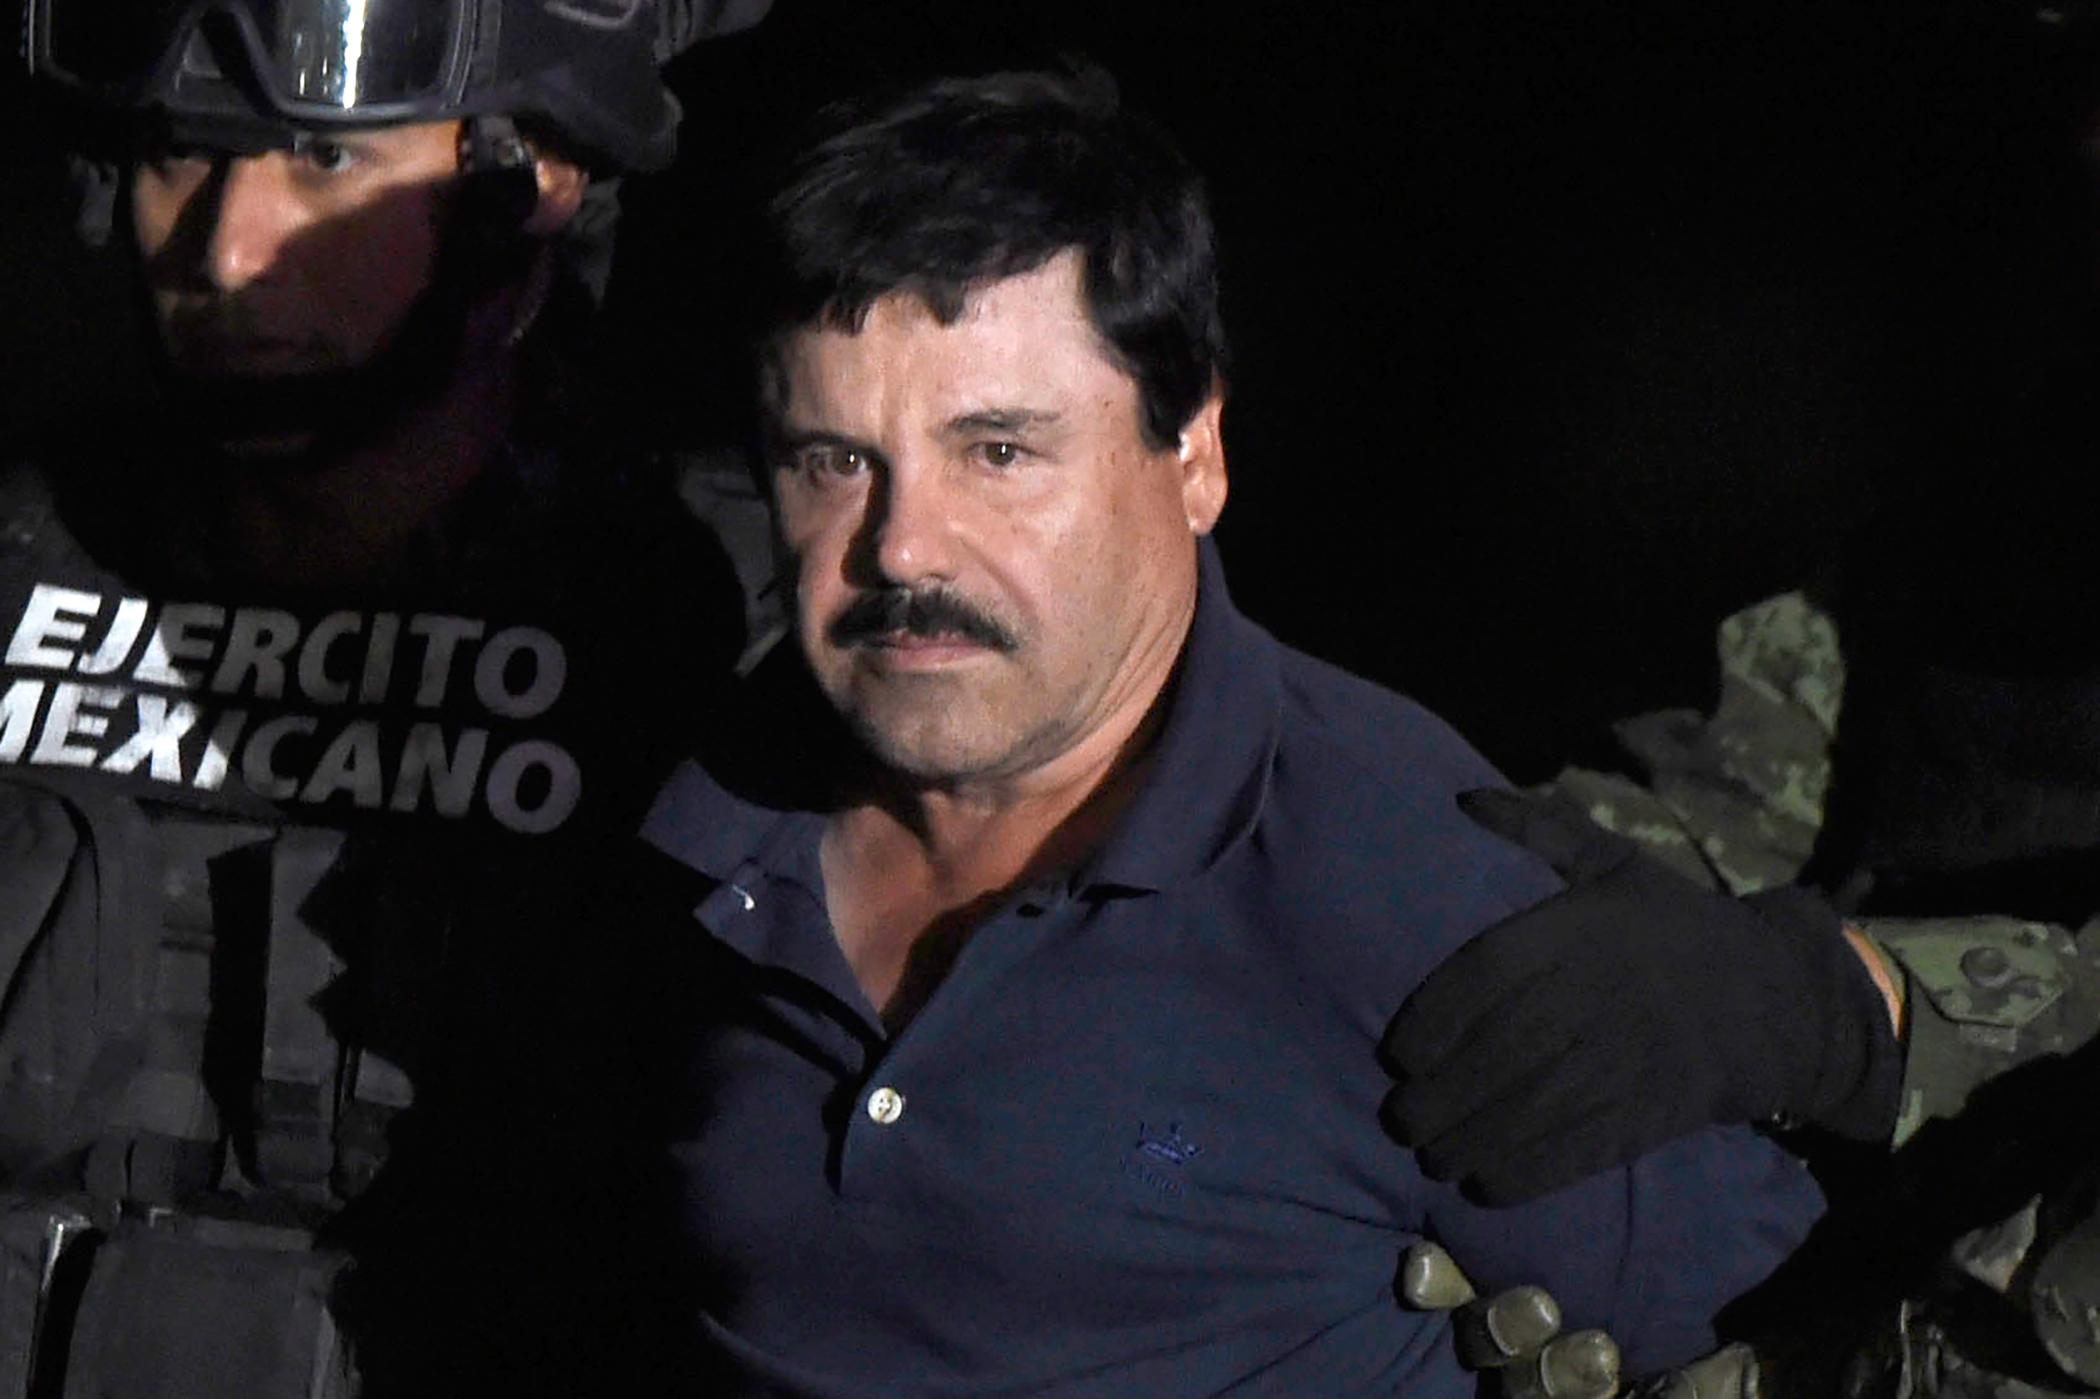 El narcotraficante 'El Chapo' fue declarado culpable en Estados Unidos